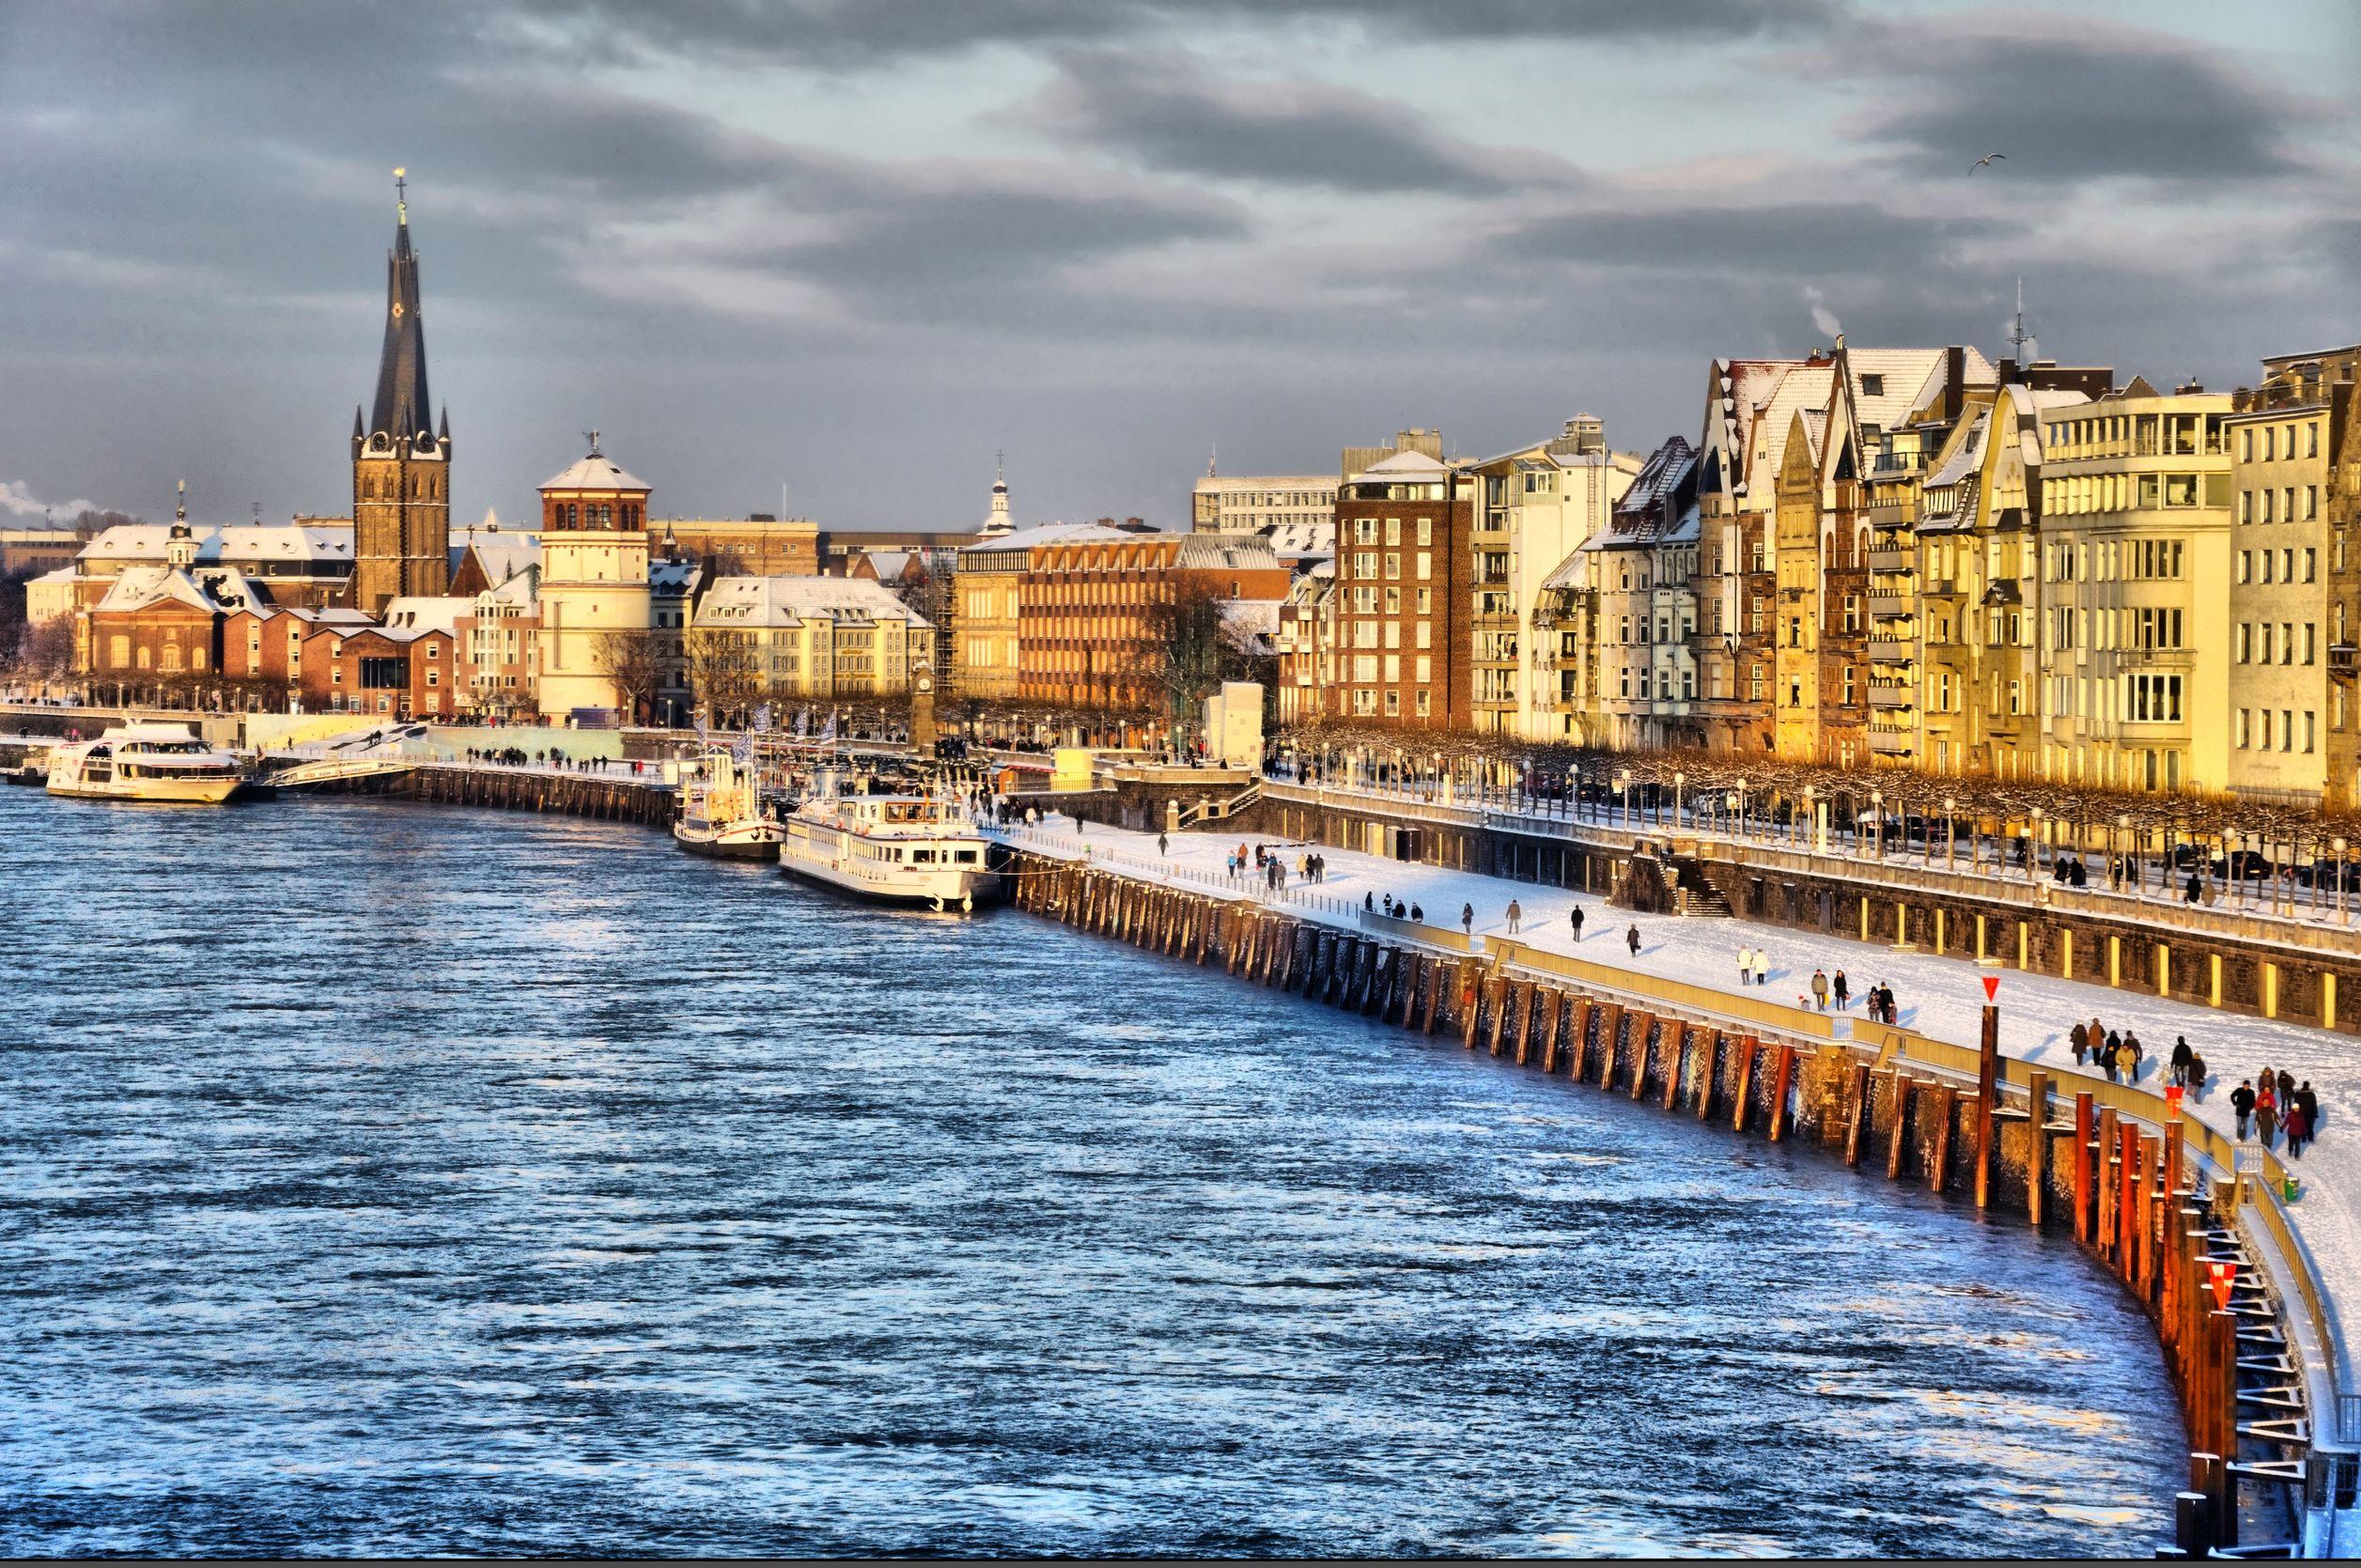 Idee ponte pasquetta a dusseldorf viaggiamo - Il mercato della piastrella moncalieri orari ...